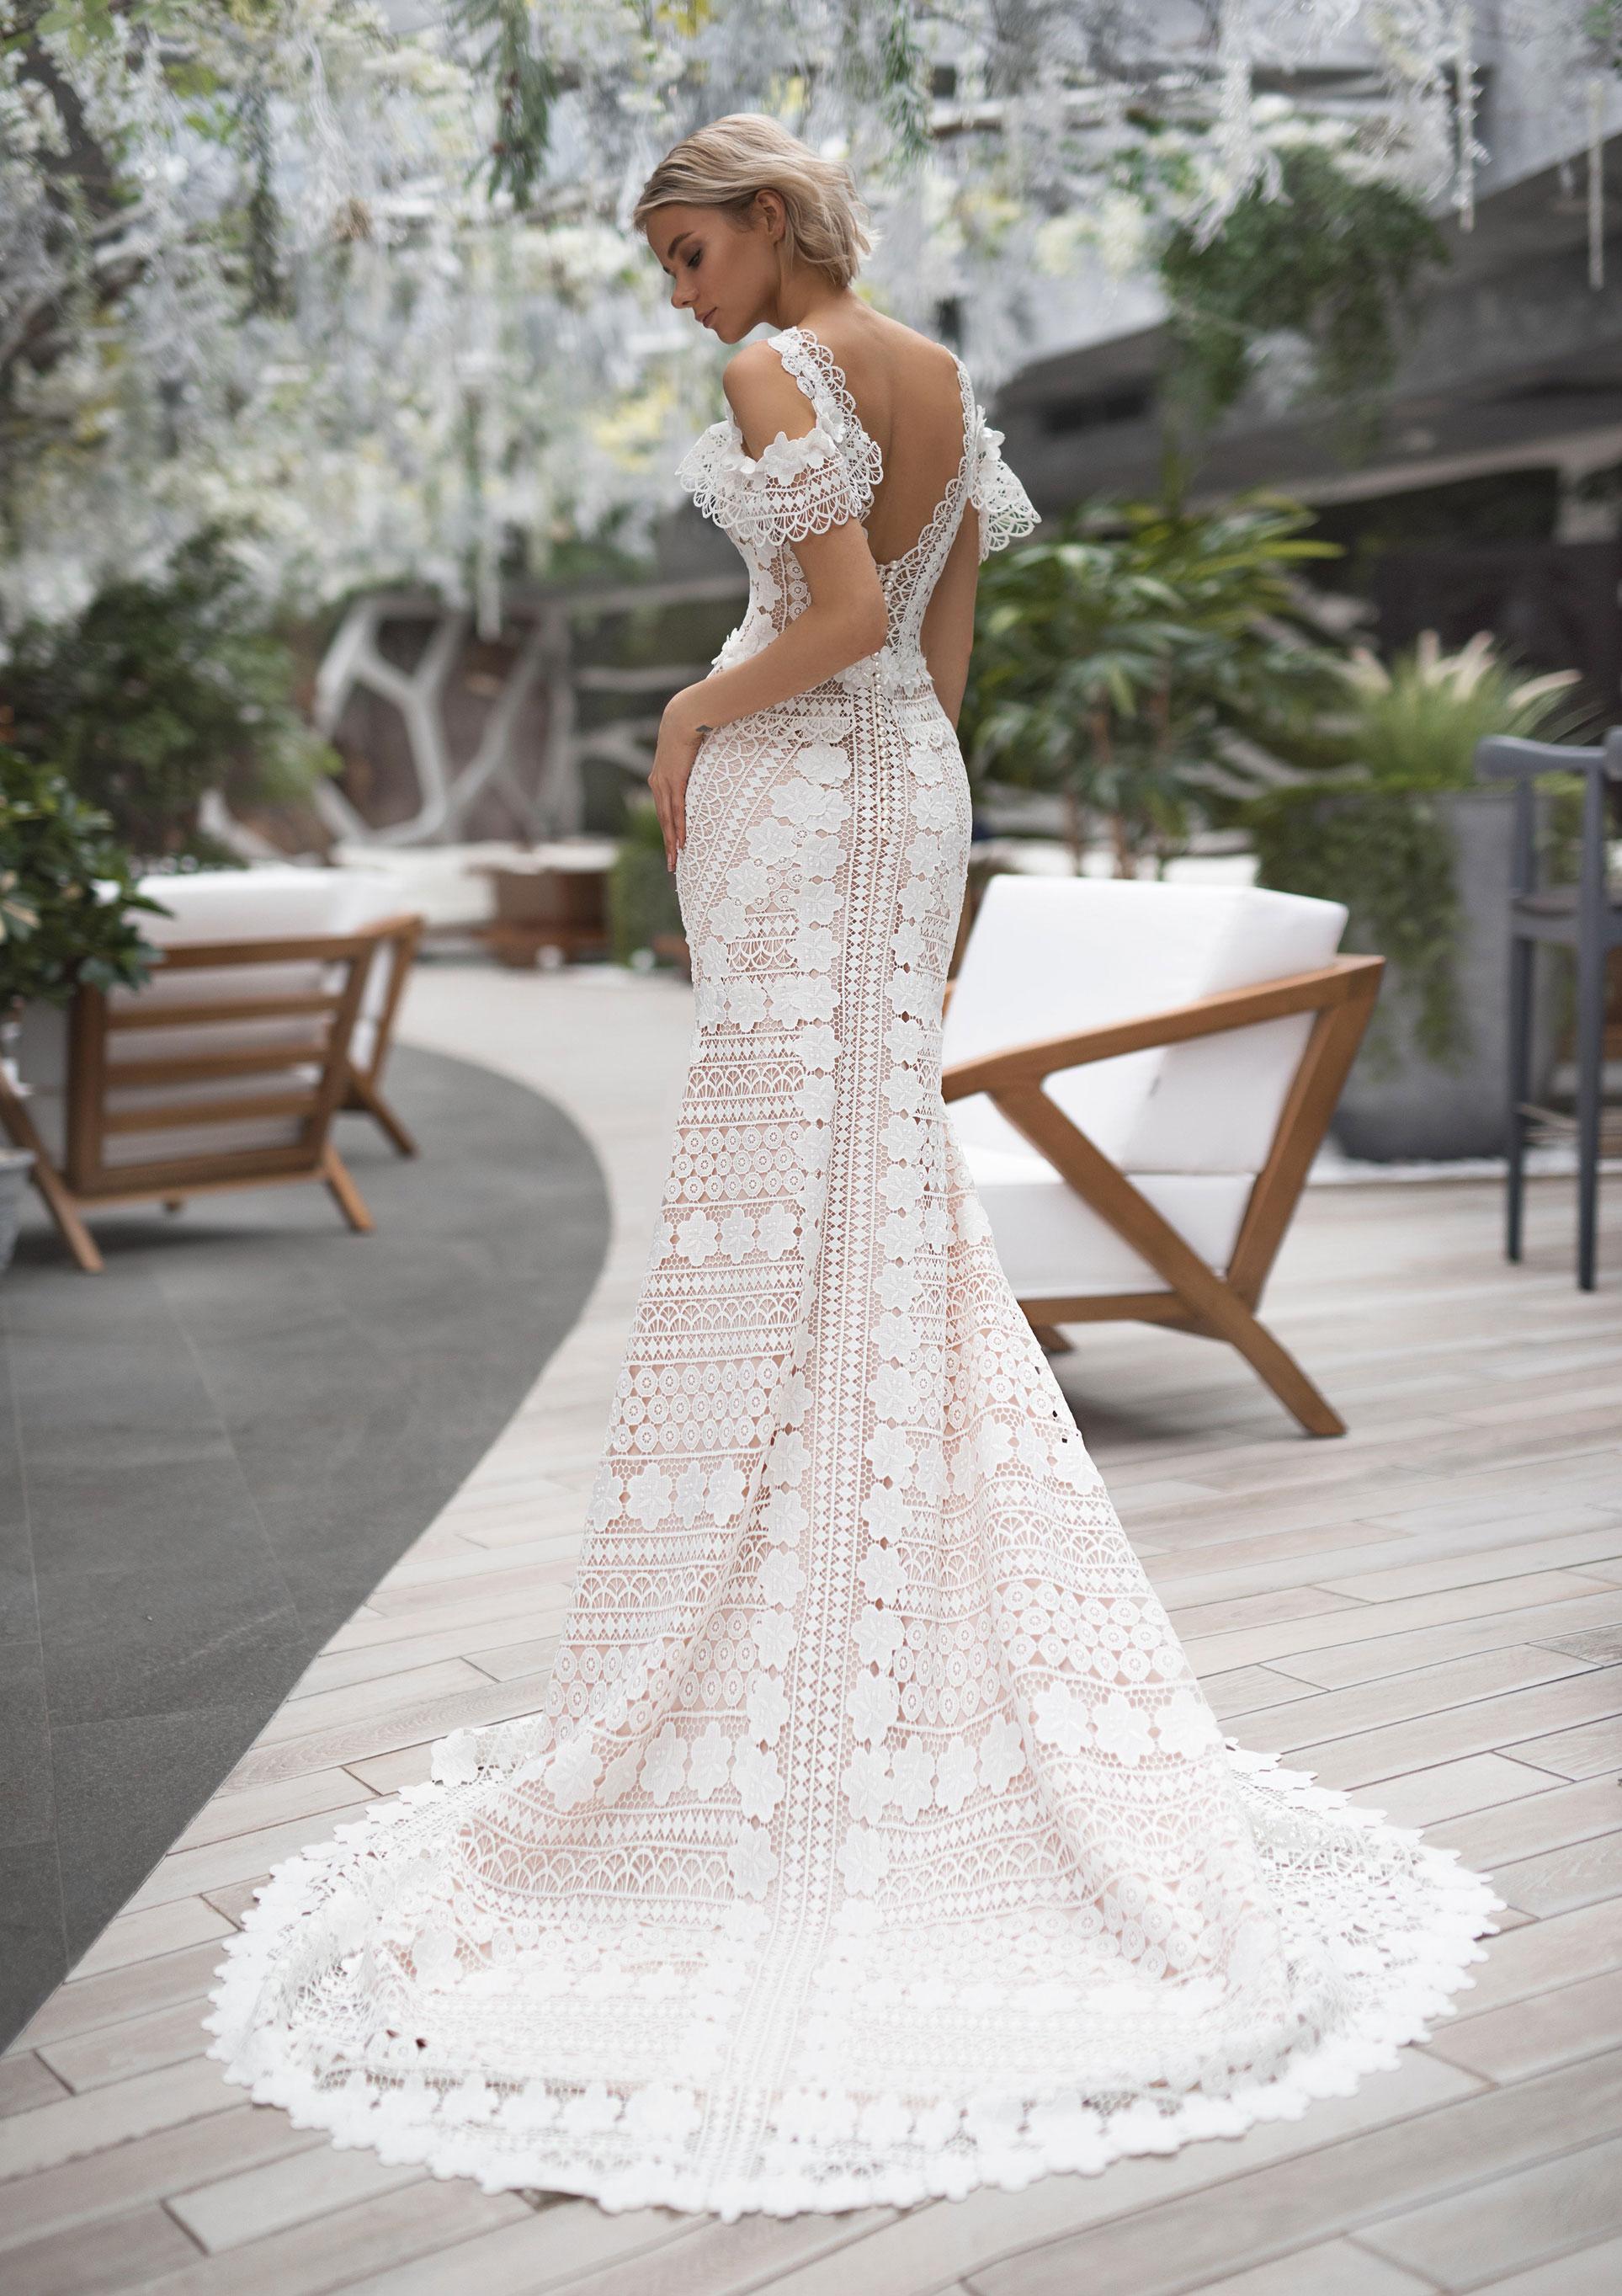 Полина Архипова в свадебных платьях модного бренда Strekoza, весна-лето 2019 / фото 03